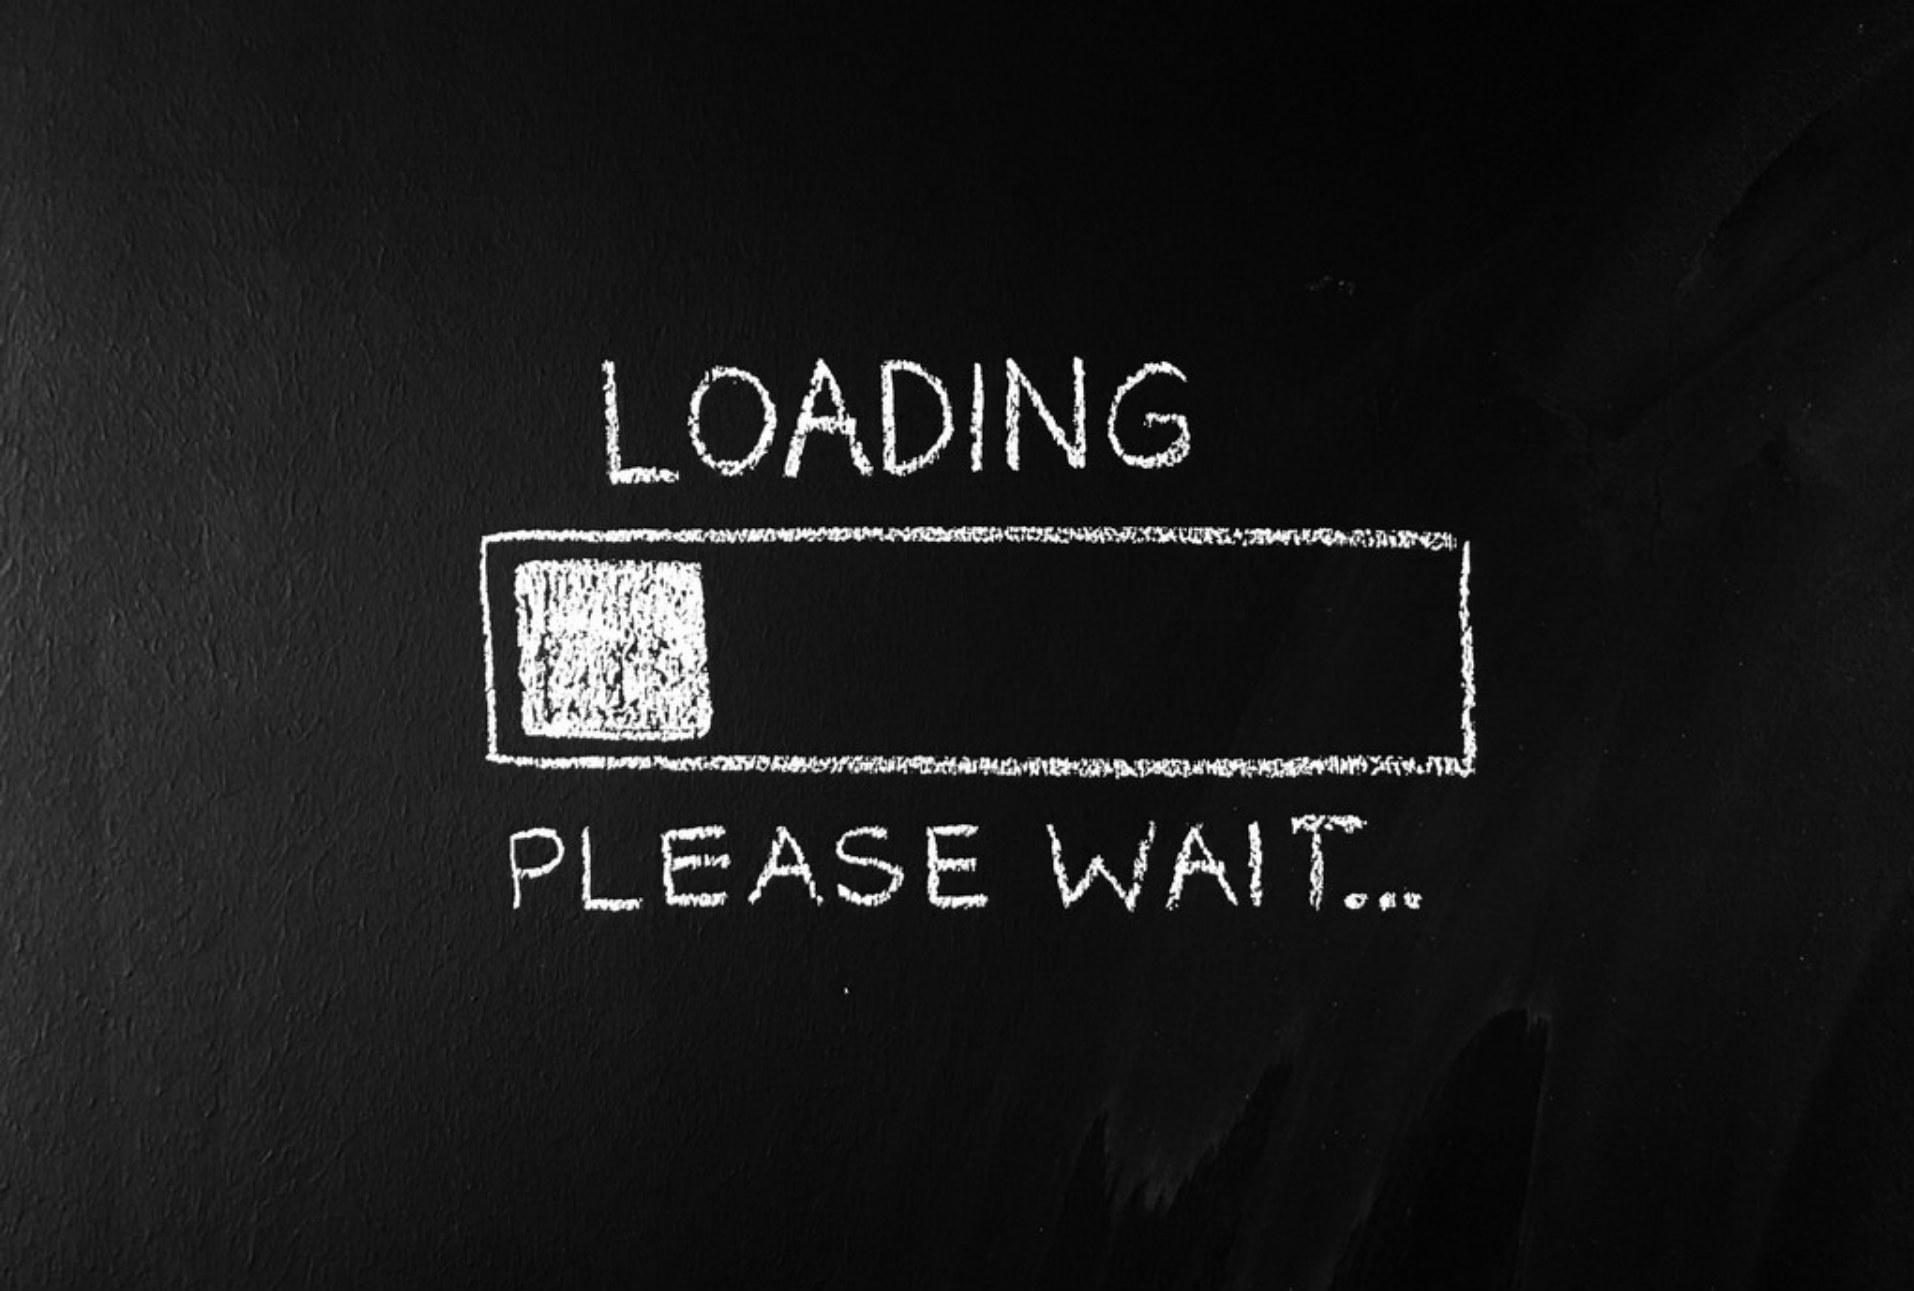 Los latinoamericanos seguimos sufriendo una escasa, mala y lenta conexión a Internet